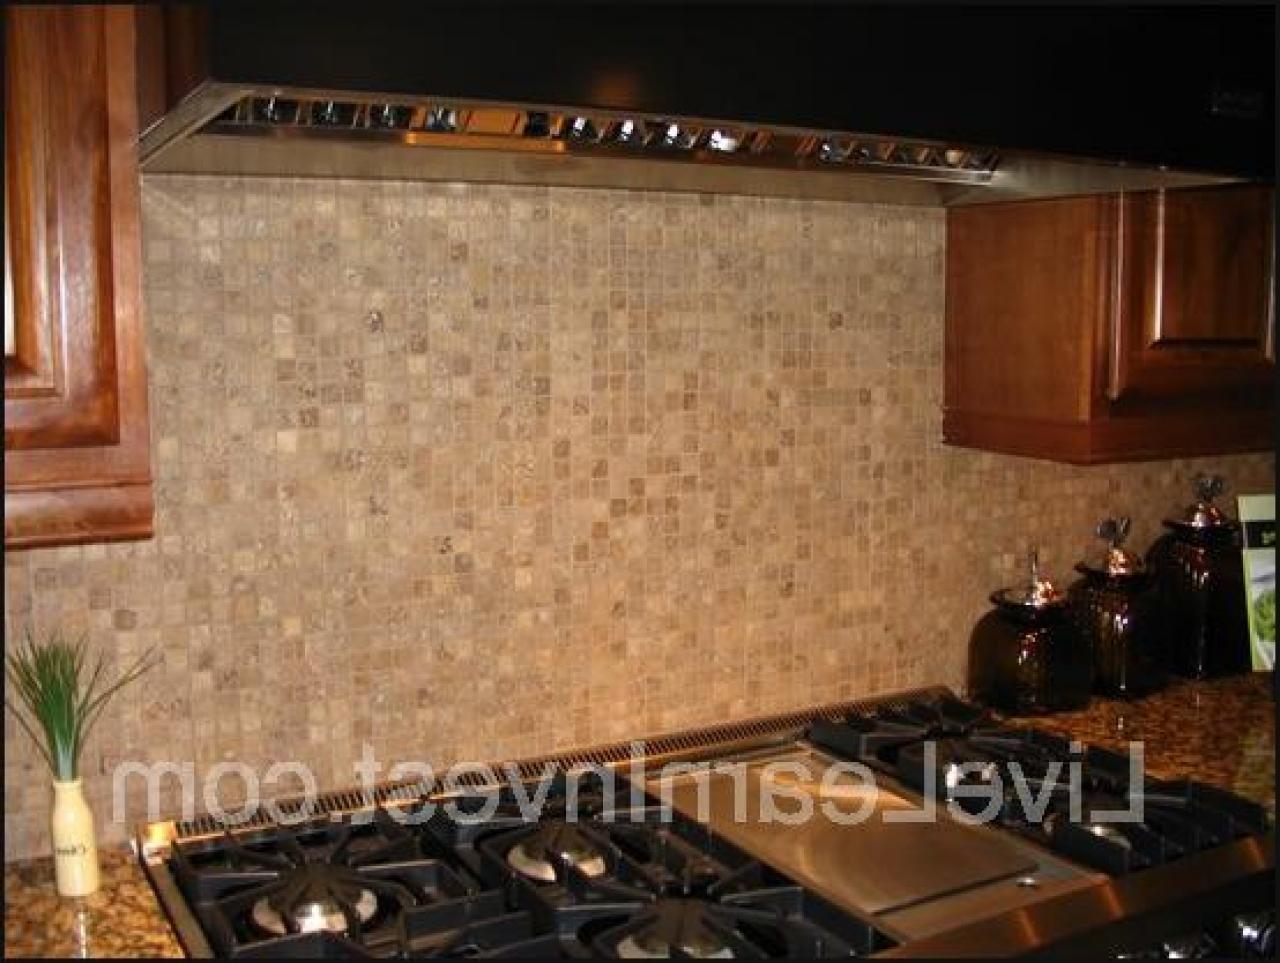 - 50+] Wallpaper For Kitchen Back Splash On WallpaperSafari